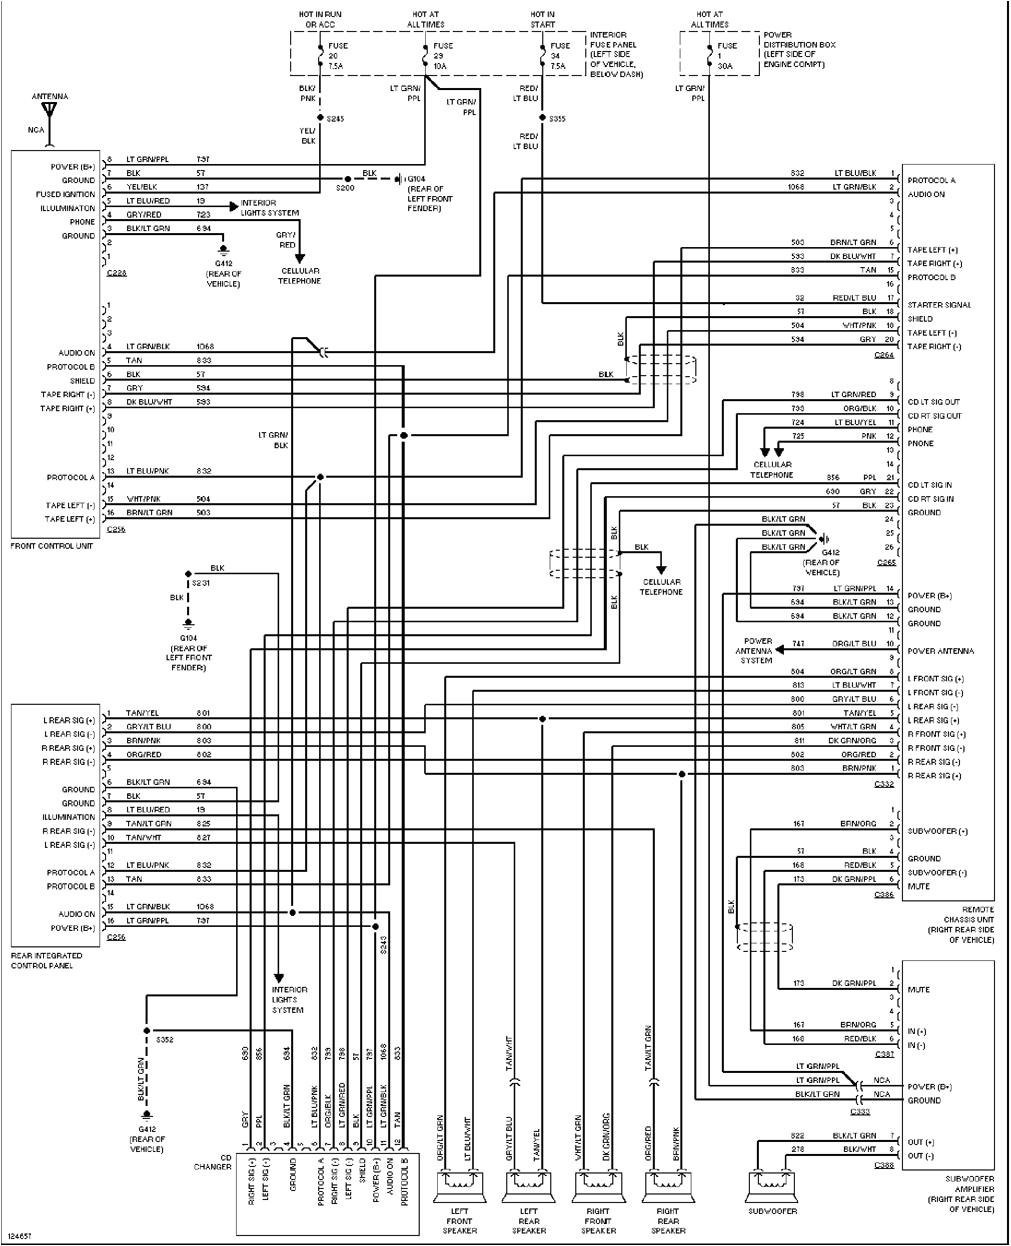 200 ford explorer wiring diagram wiring diagram schematic 2000 ford explorer radio wiring diagram 200 ford